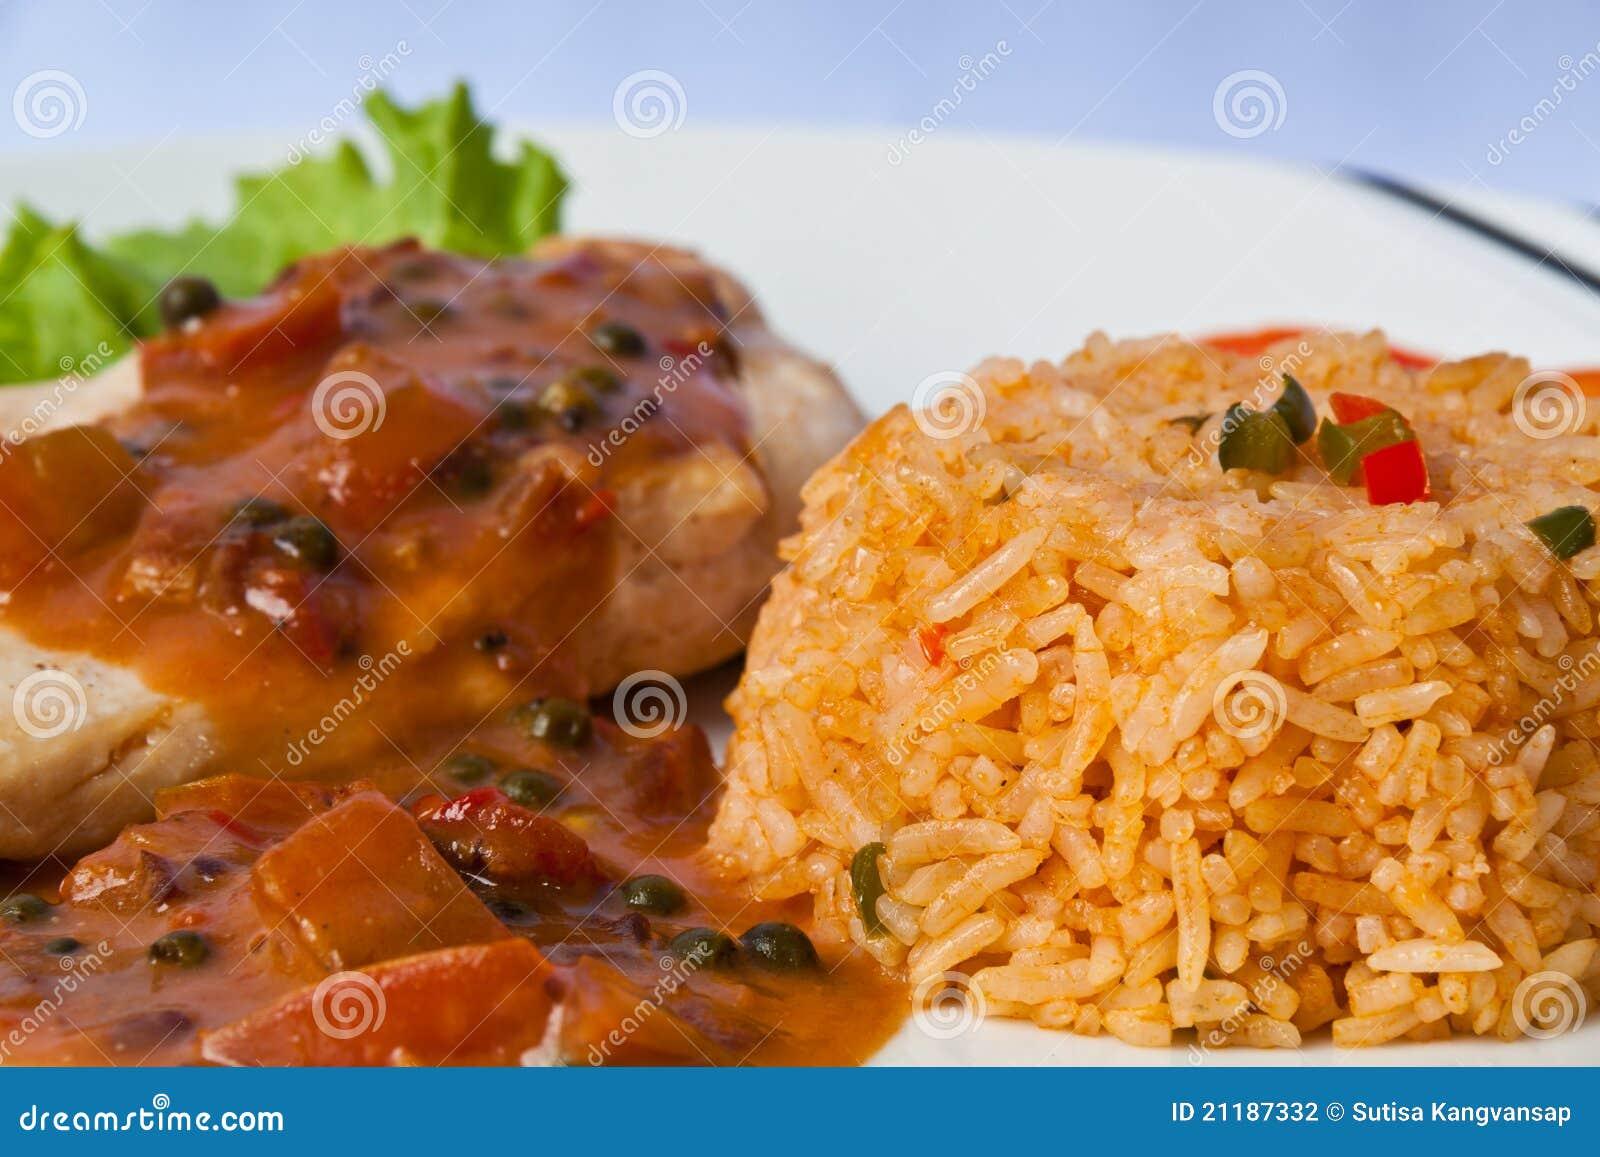 Chicken steak with fired rice